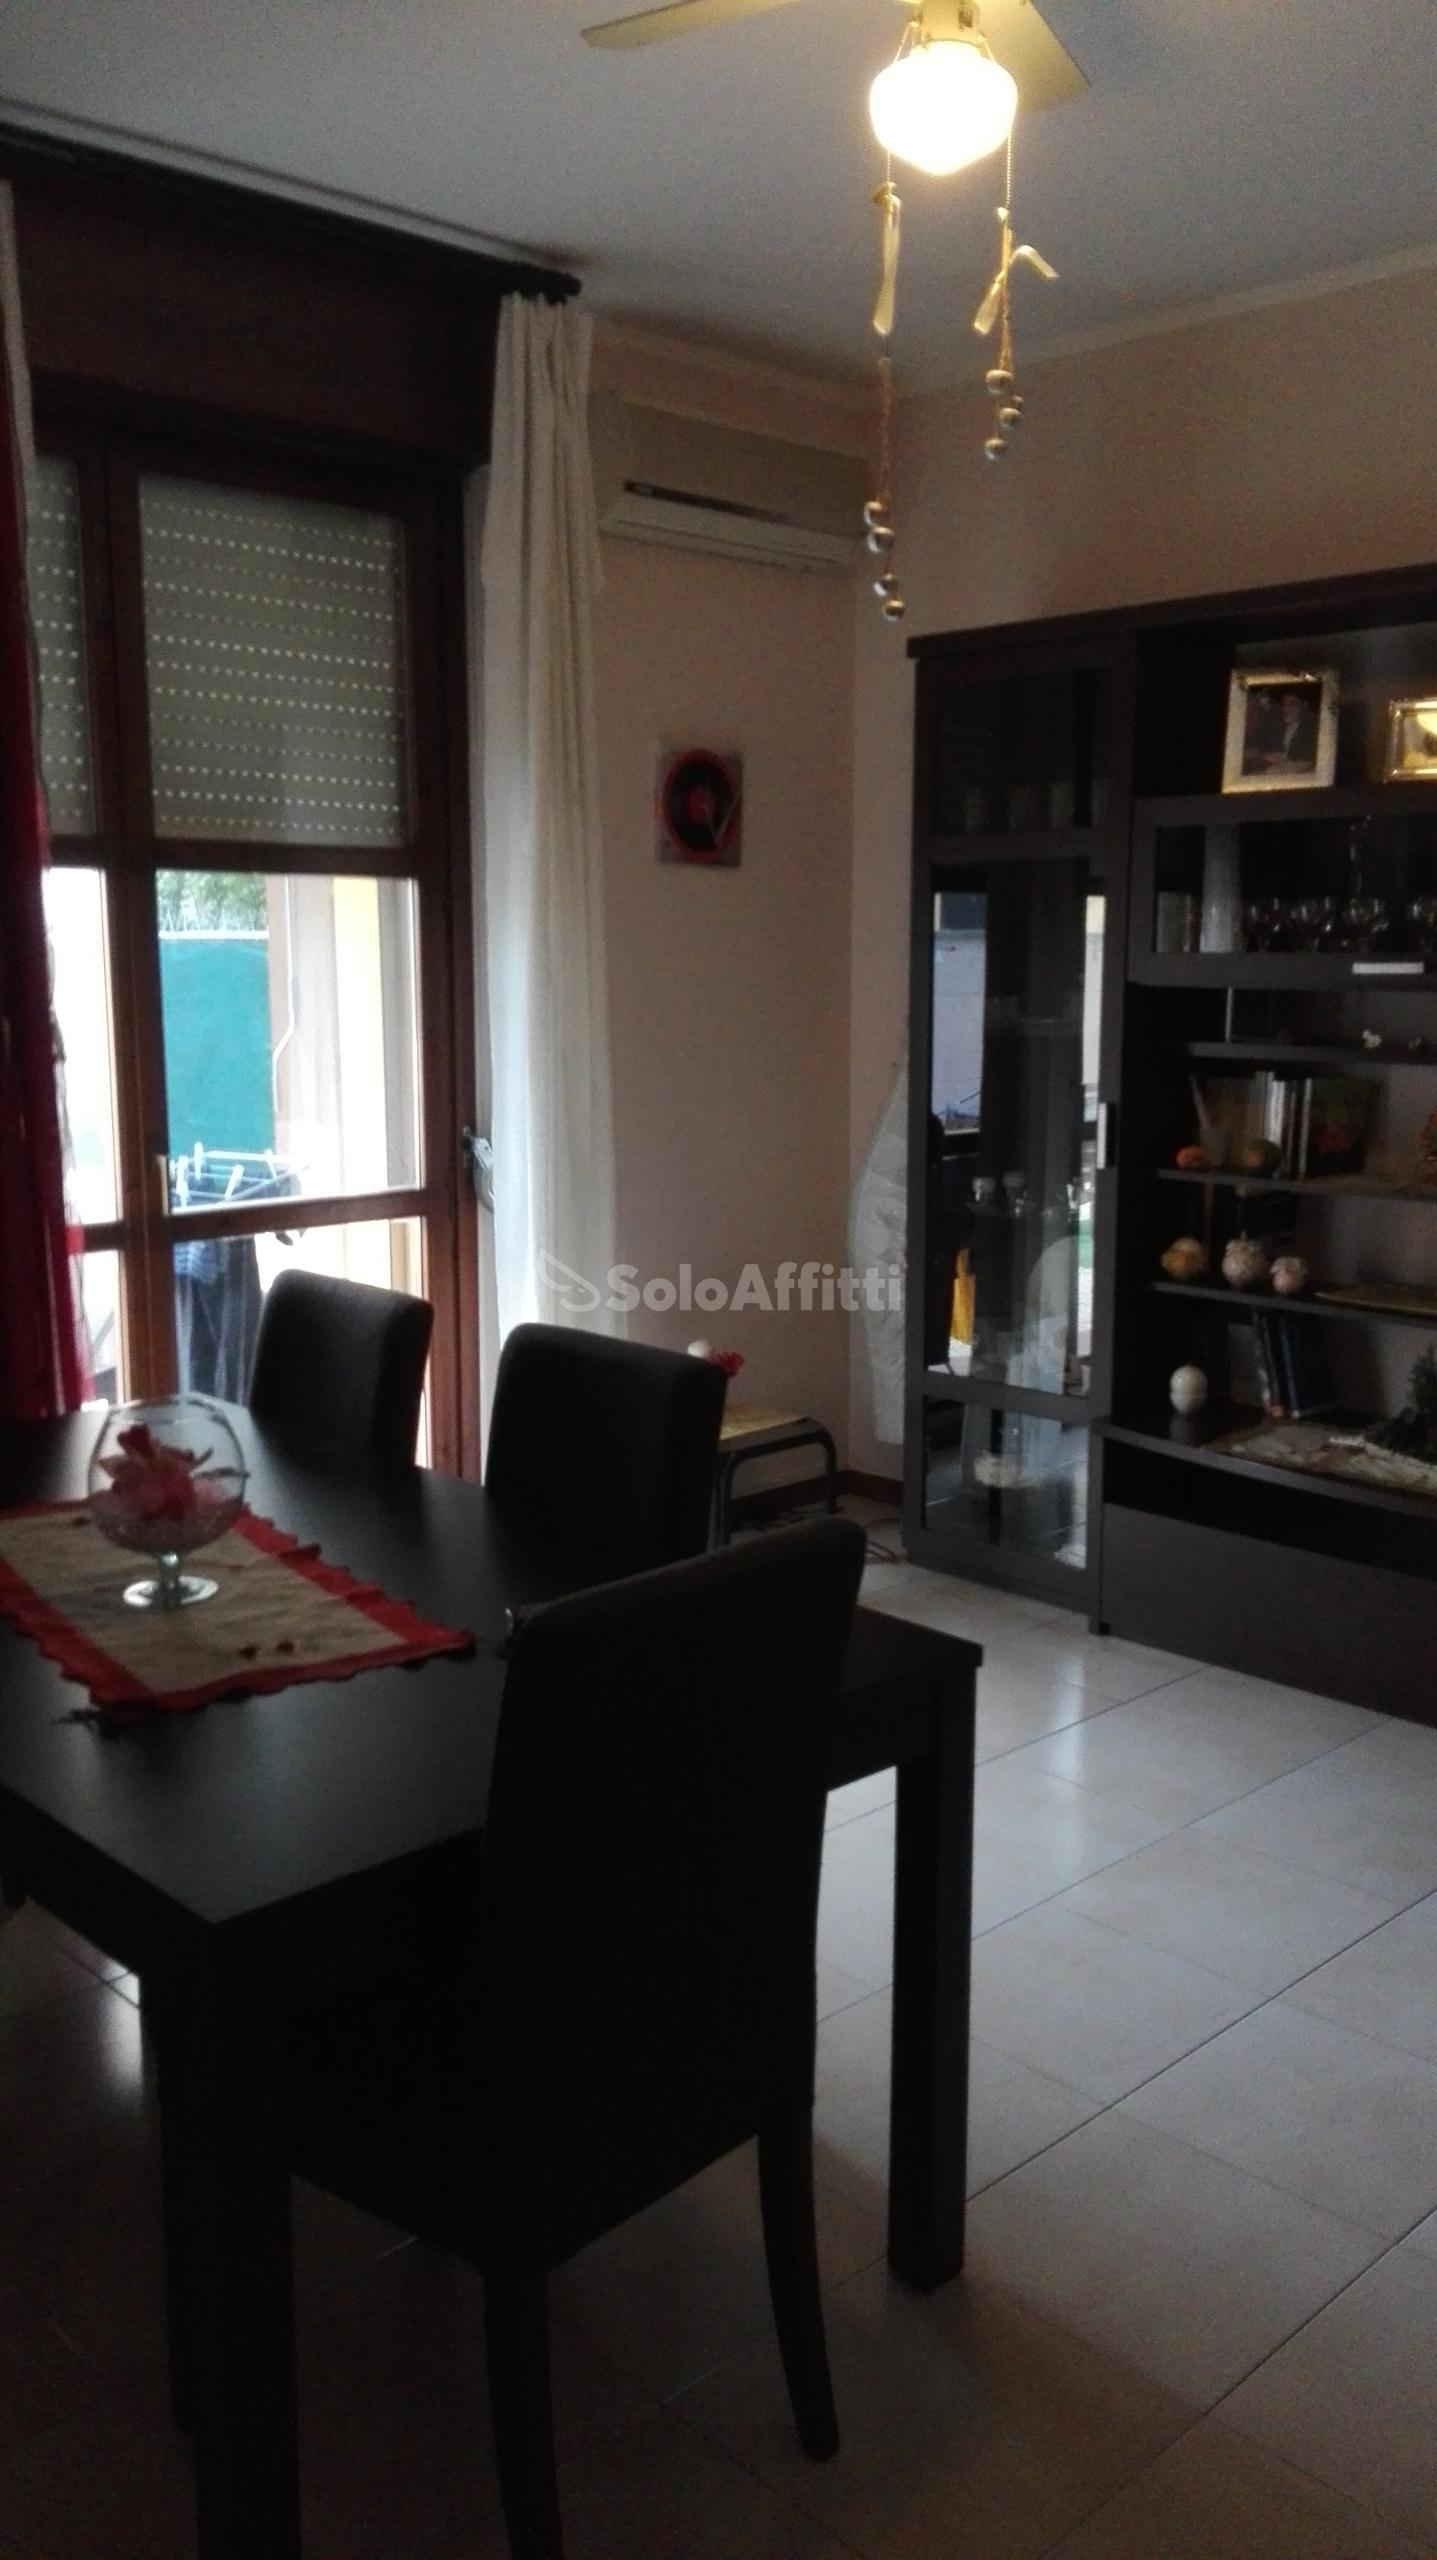 Appartamento Bilocale Arredato 60 Mq.